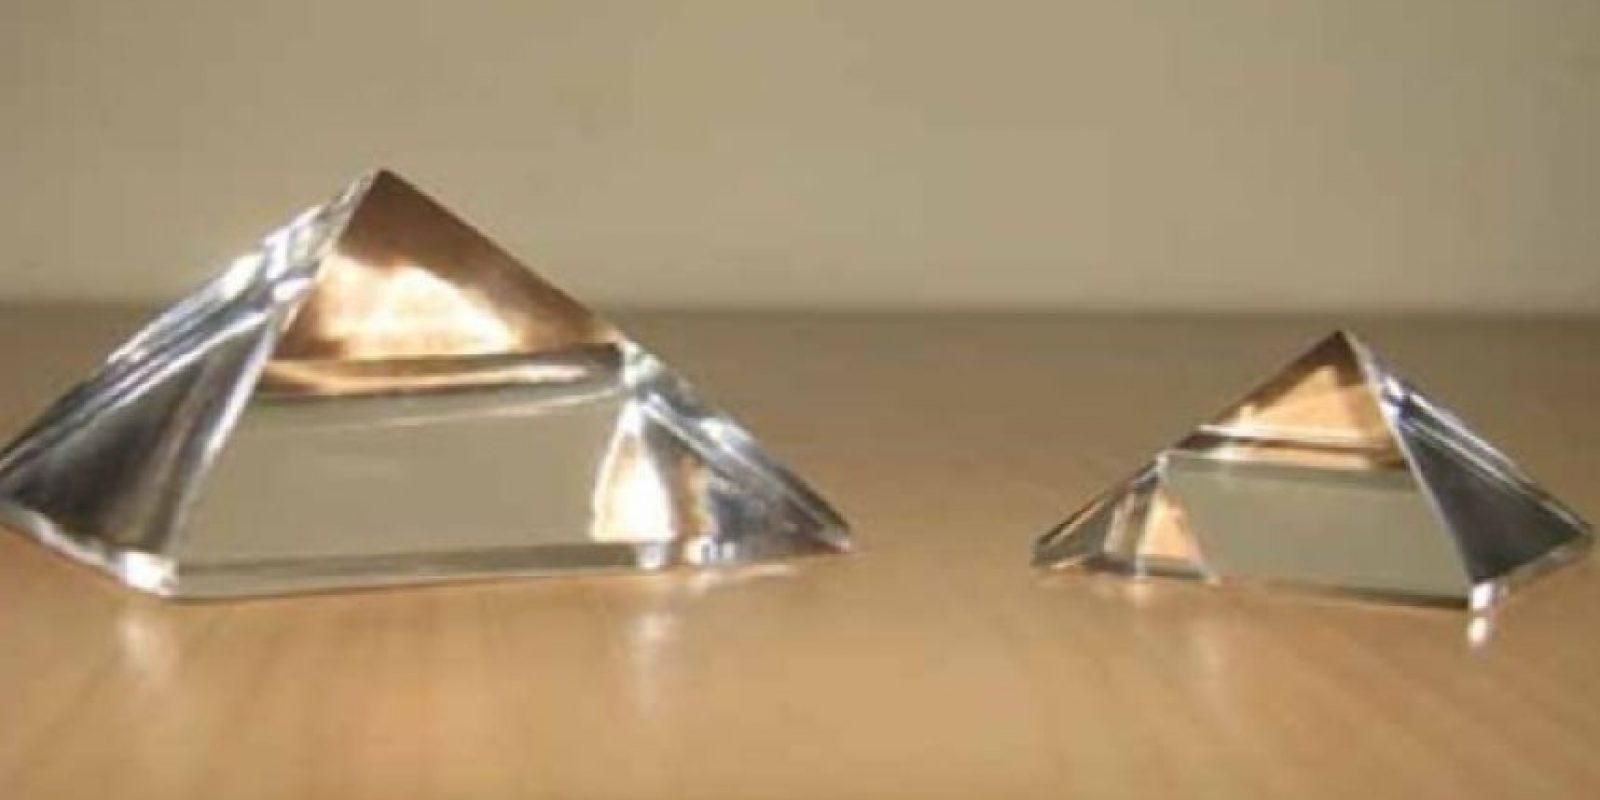 Para ayudarte te sugiero una pirámide; del material y tamaño que te acomode, y la puedes llevar contigo o tener en tu escritorio u hogar. Foto:Wikimedia